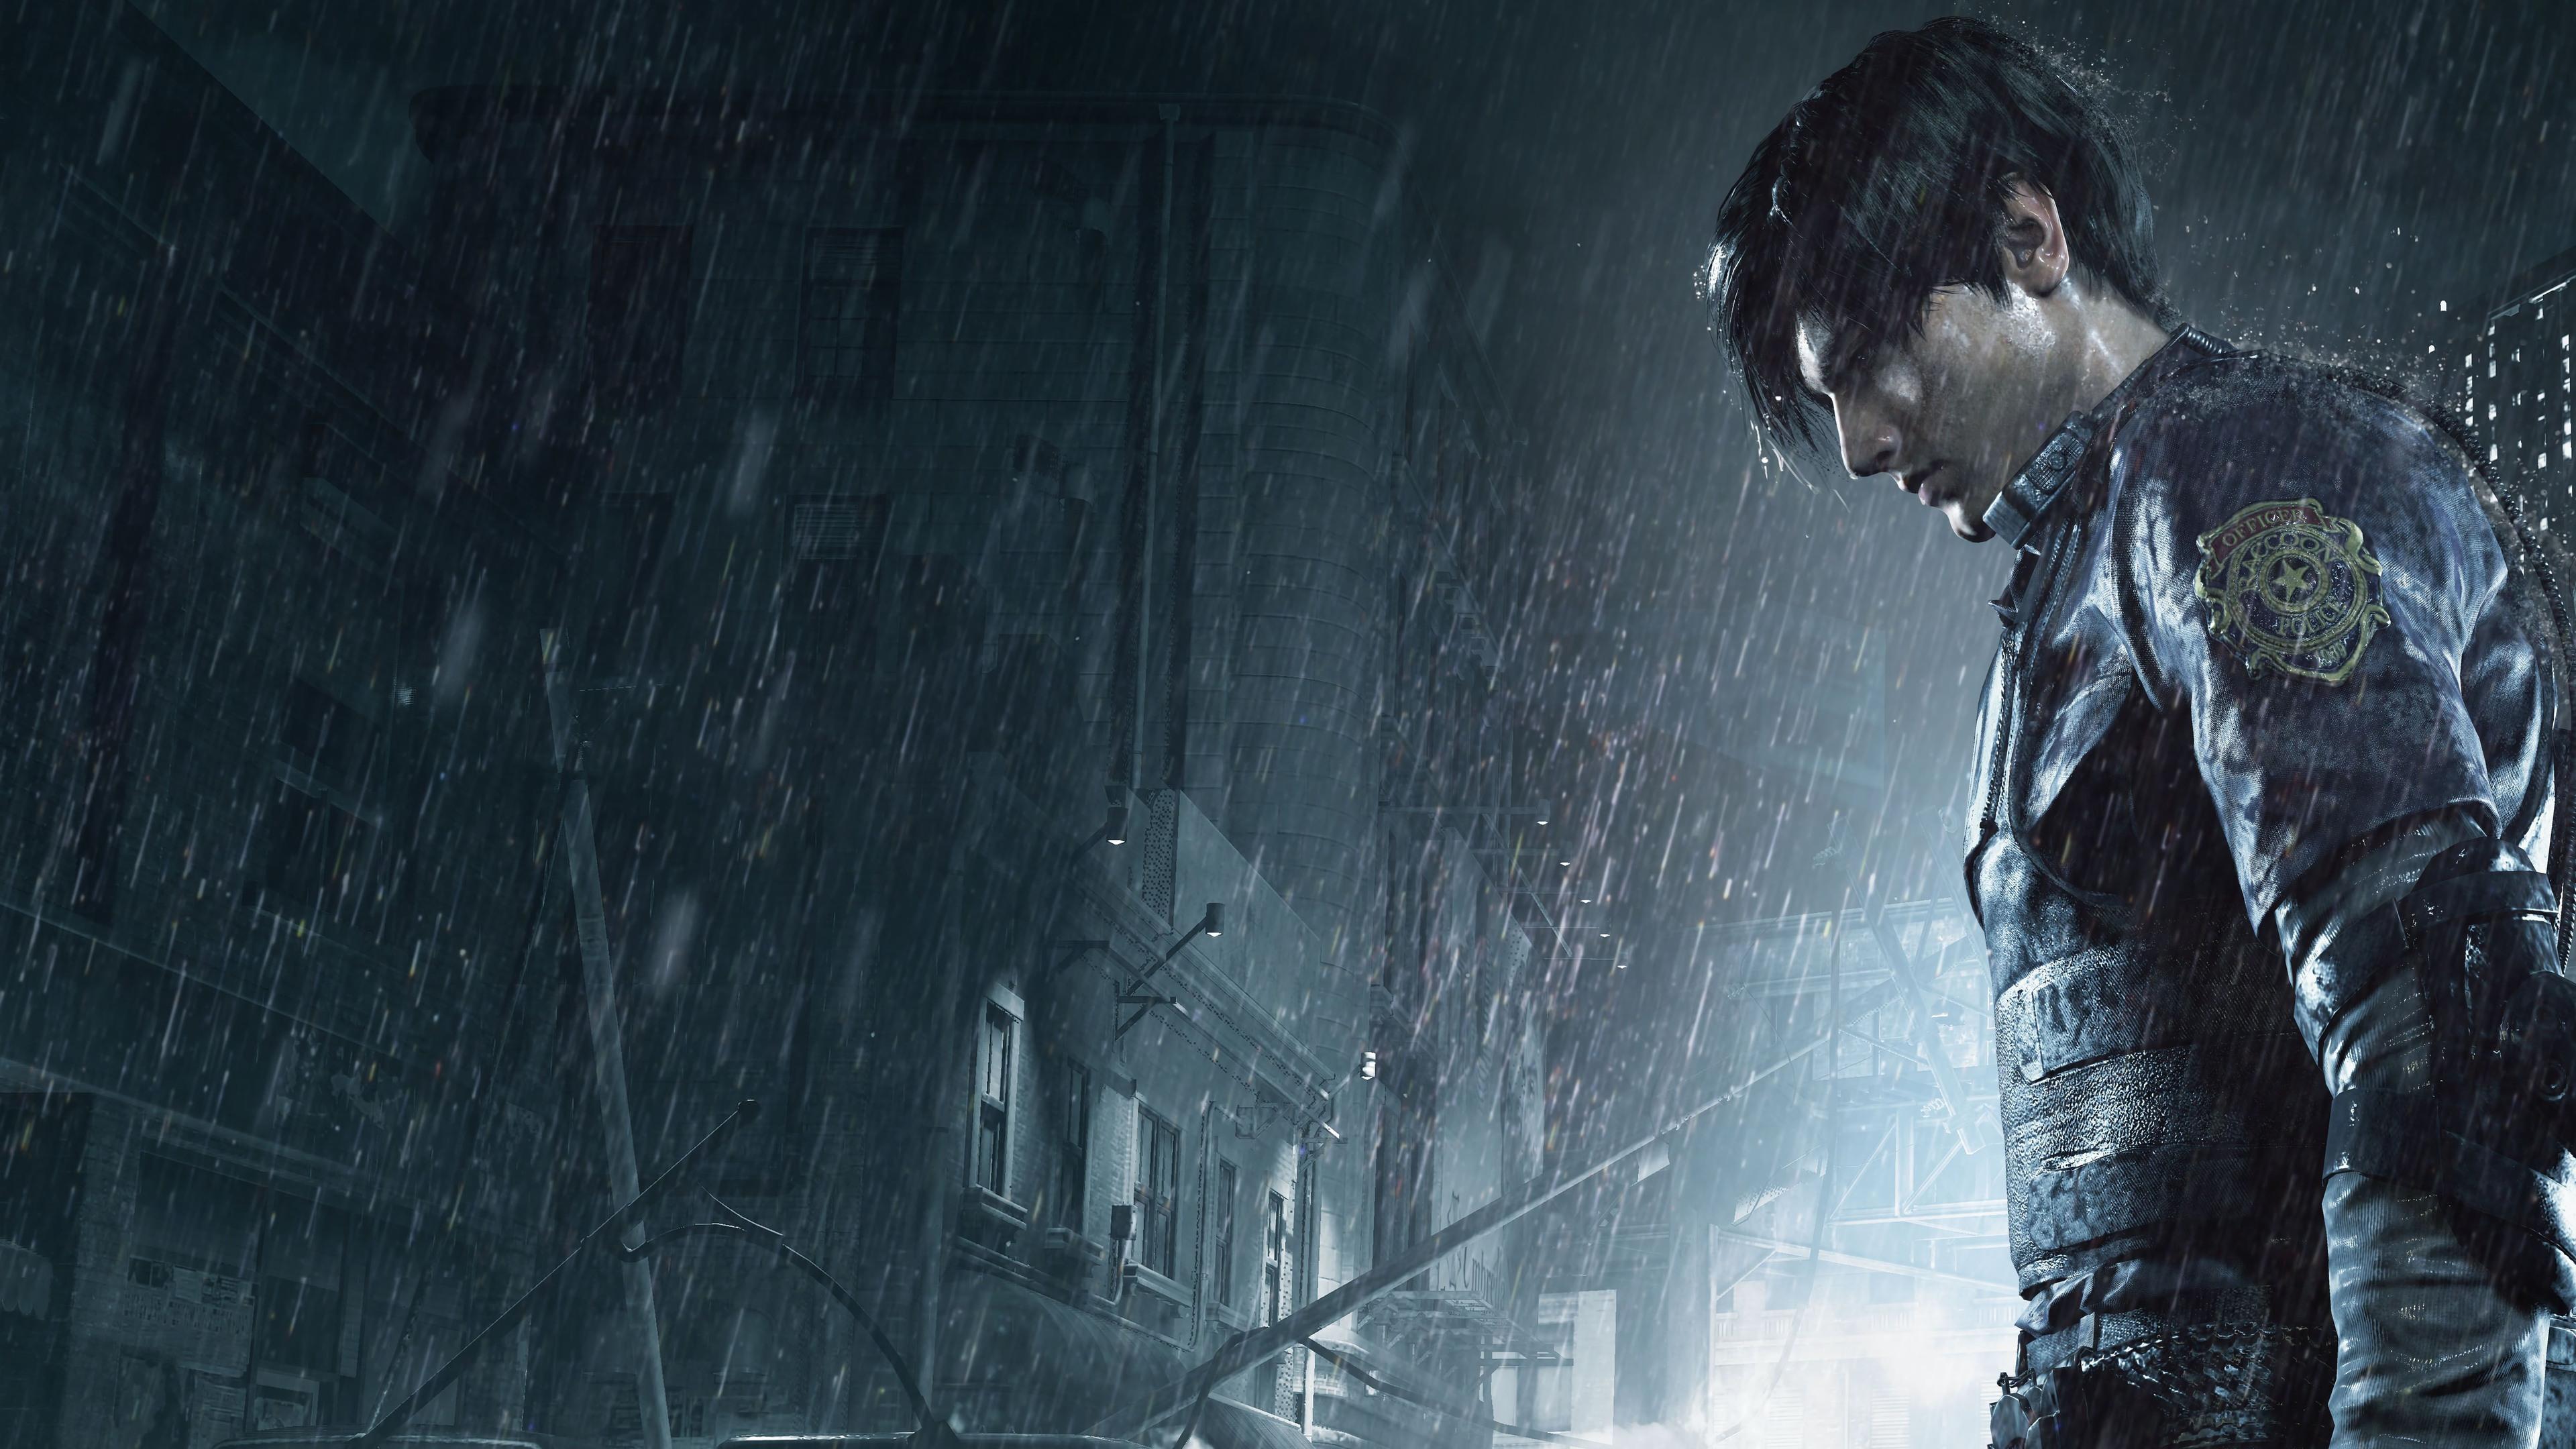 Wallpaper 4k Leon Kennedy Resident Evil 2 2019 Games Wallpapers